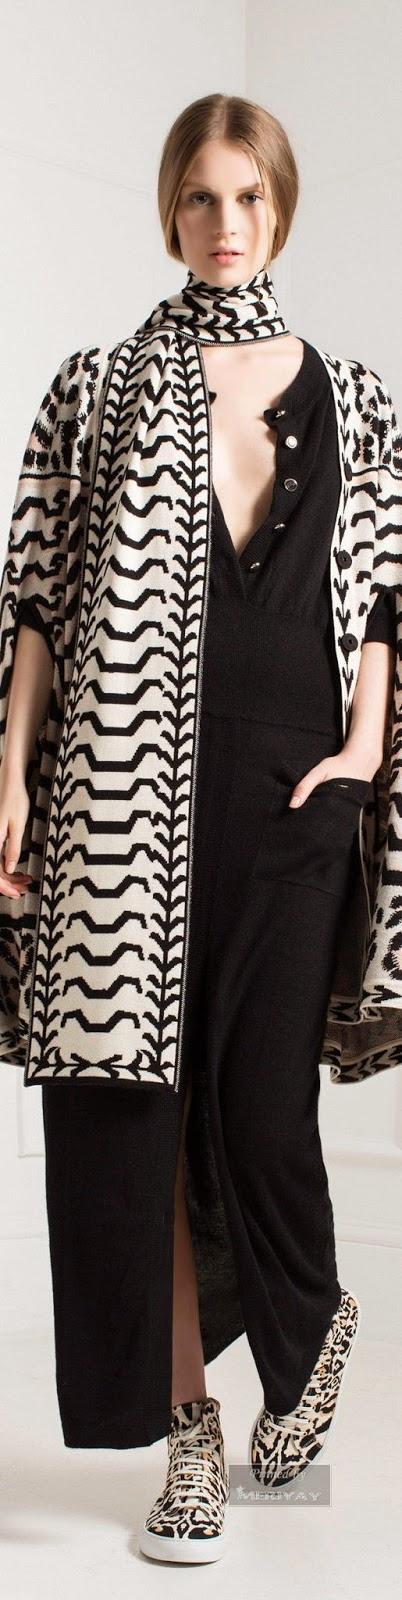 Look preto e branco - tendencia primavera-verão 2015